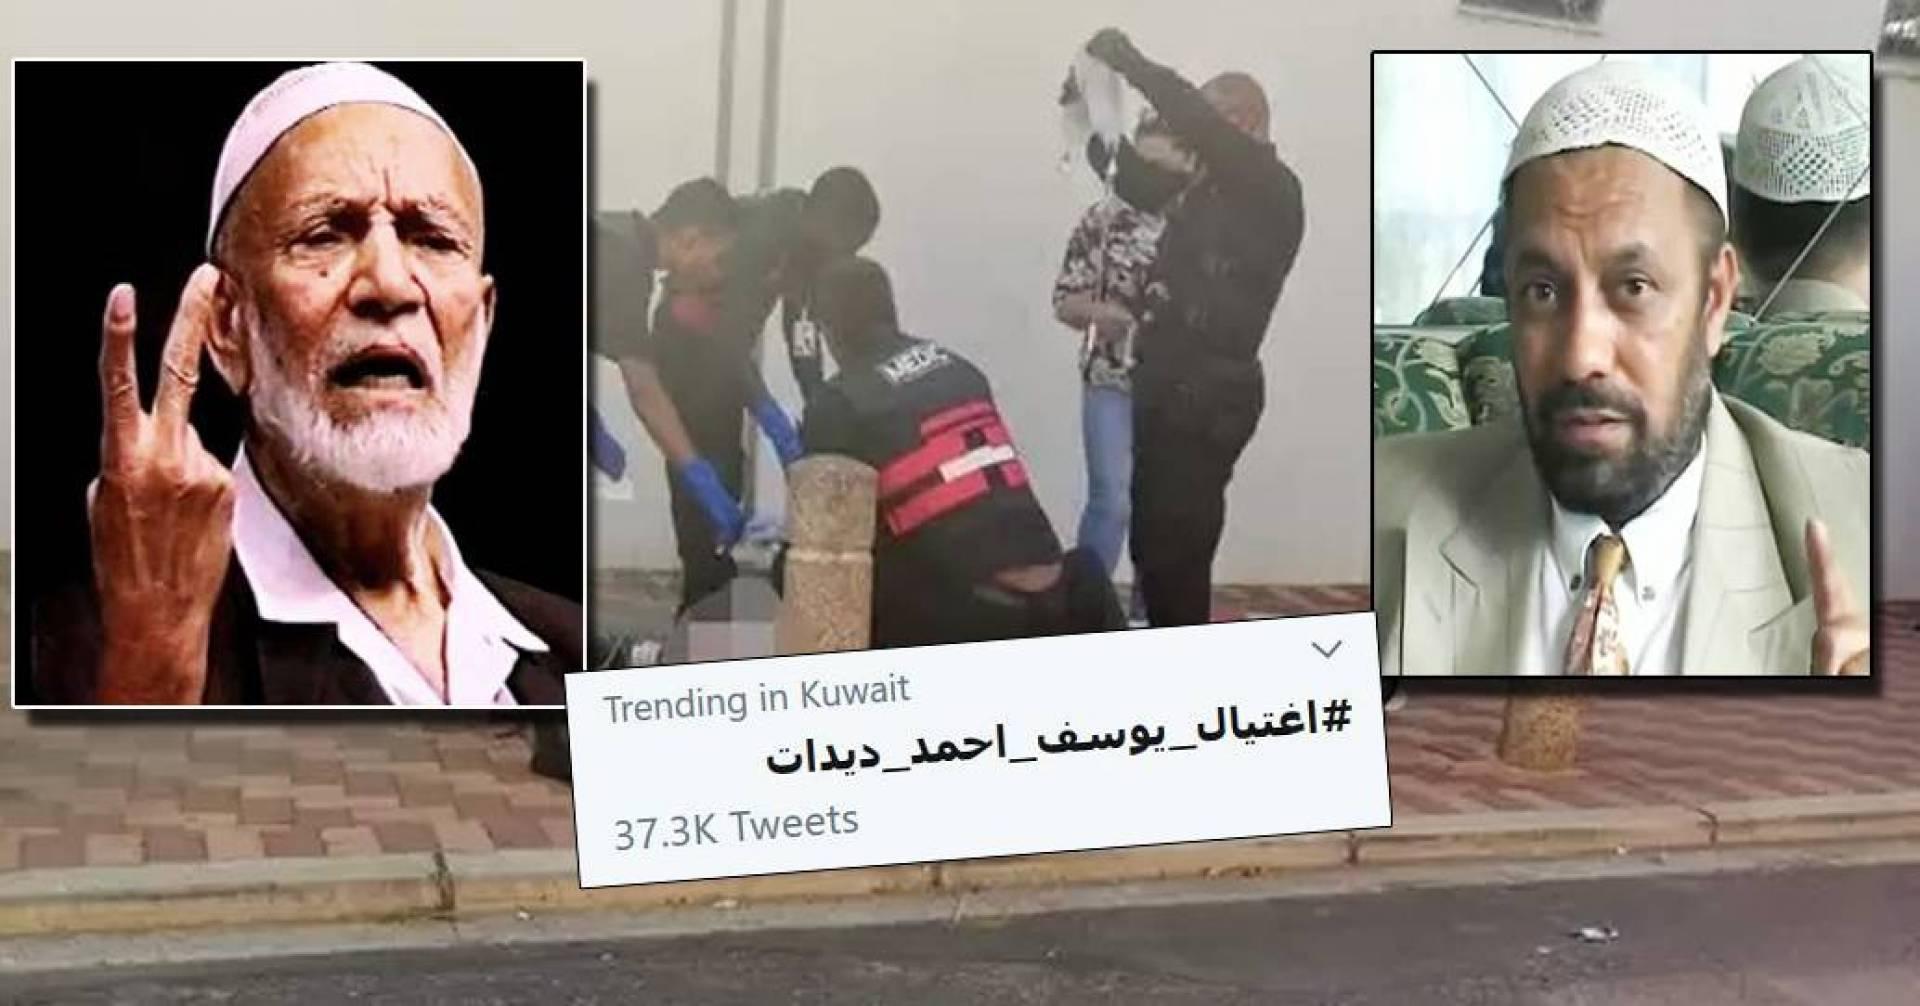 يوسف أحمد ديدات.. يتعرض لمحاولة اغتيال في جنوب أفريقيا